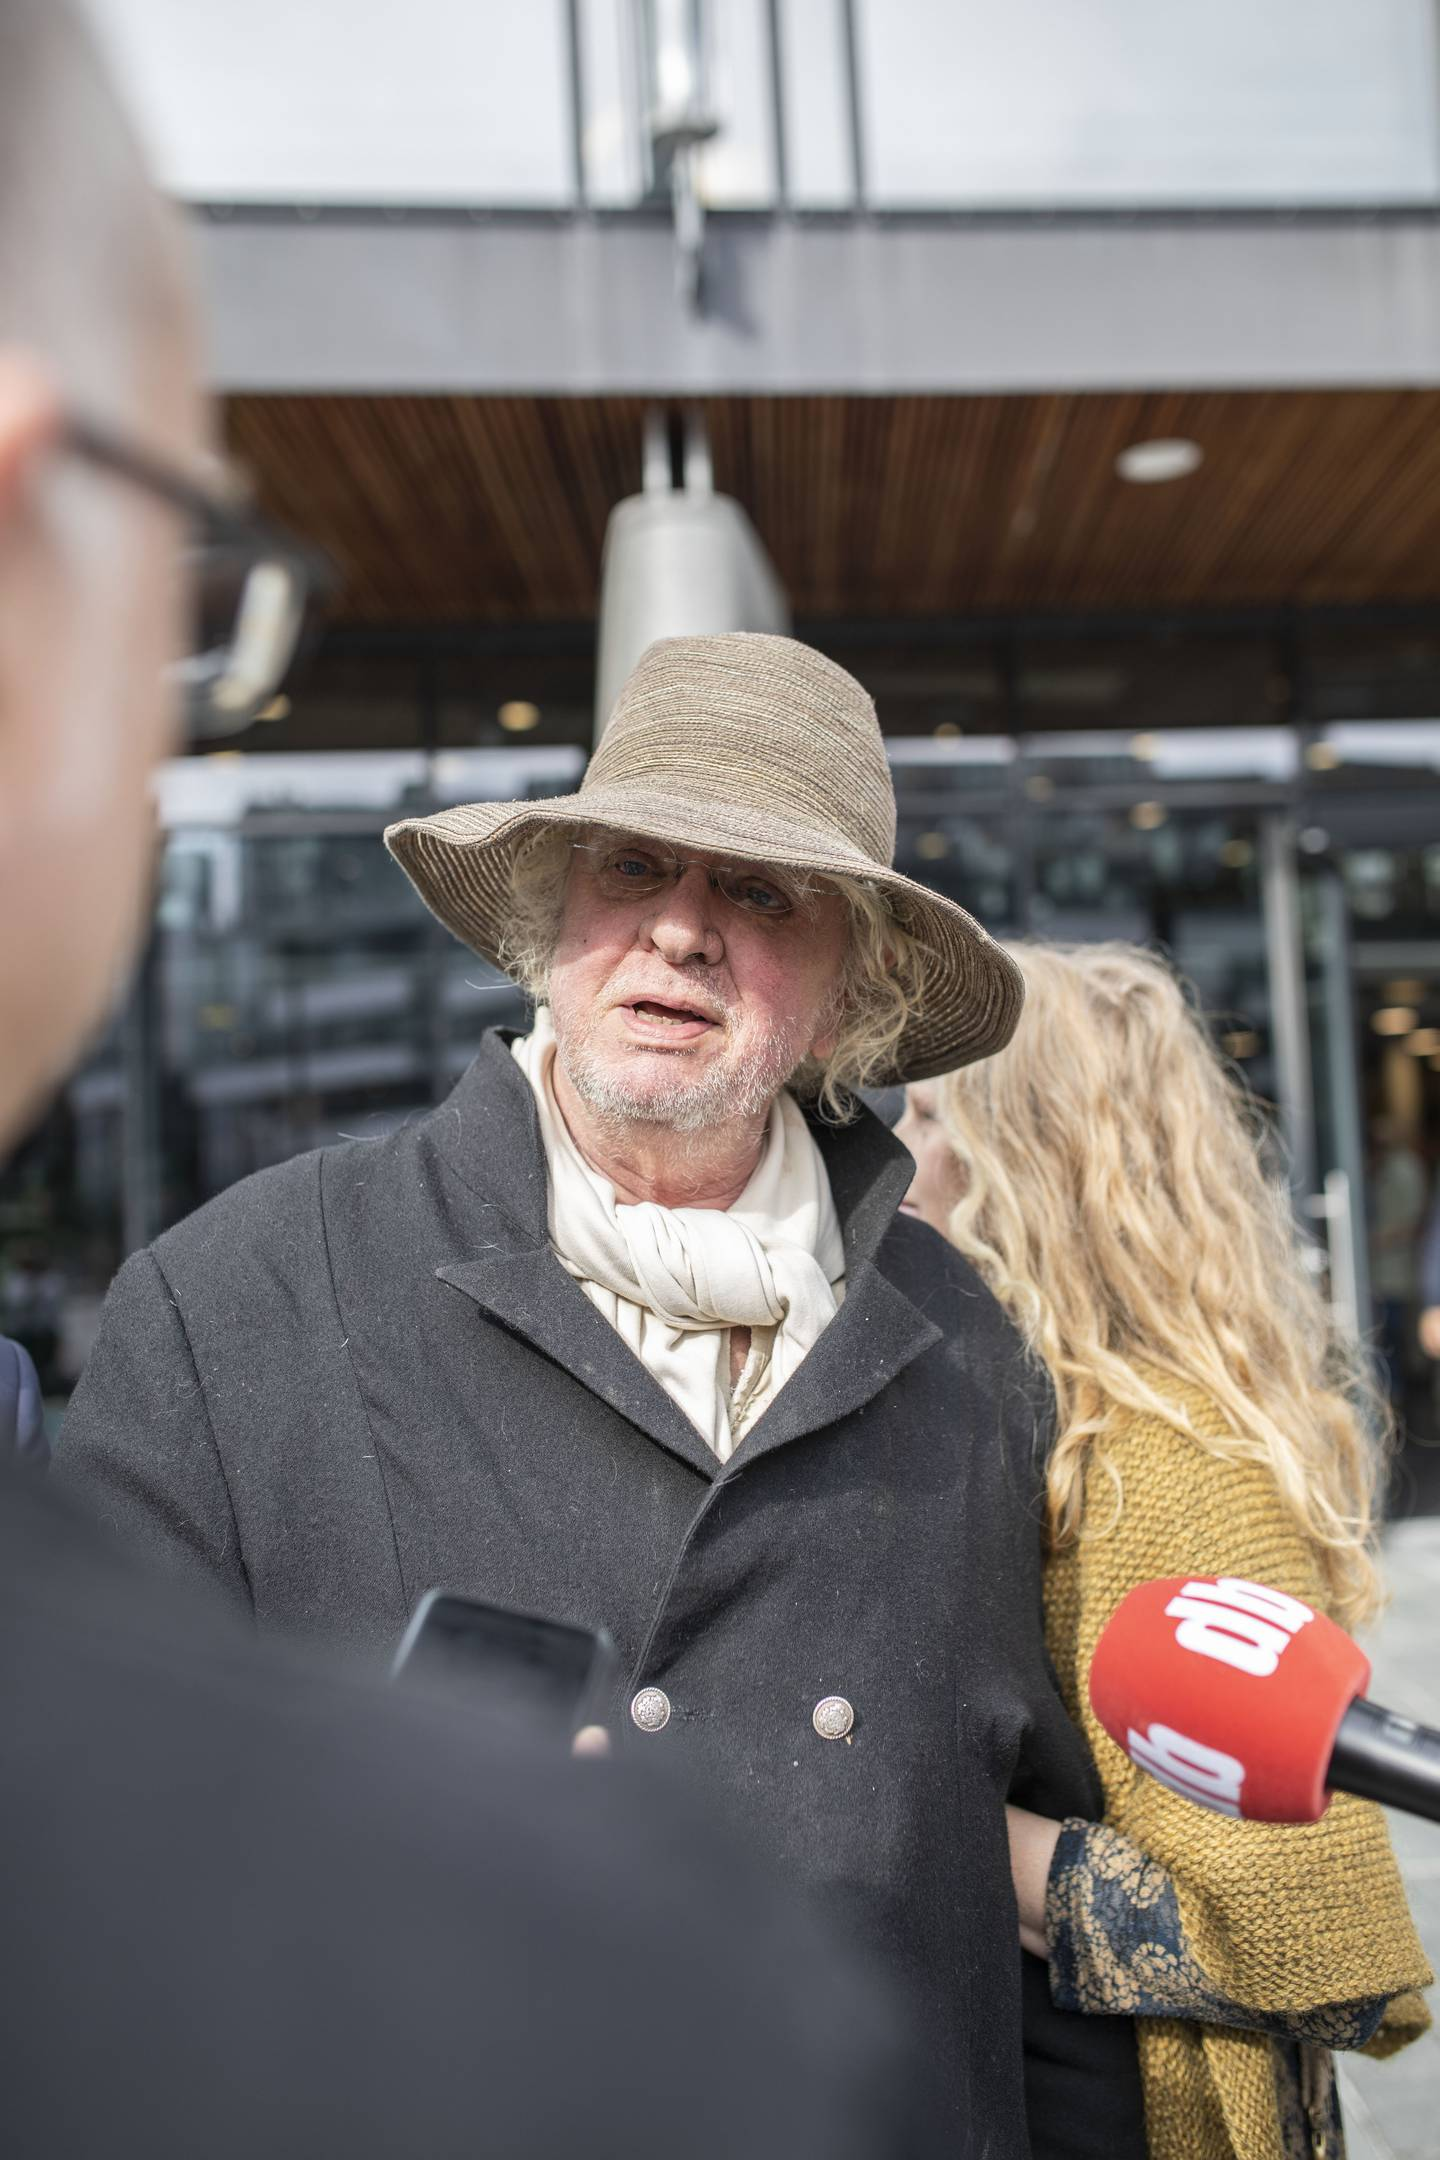 Odd Nerdrum taler med pressen, her representert ved Bernt Erik fra Dagsavisen:)